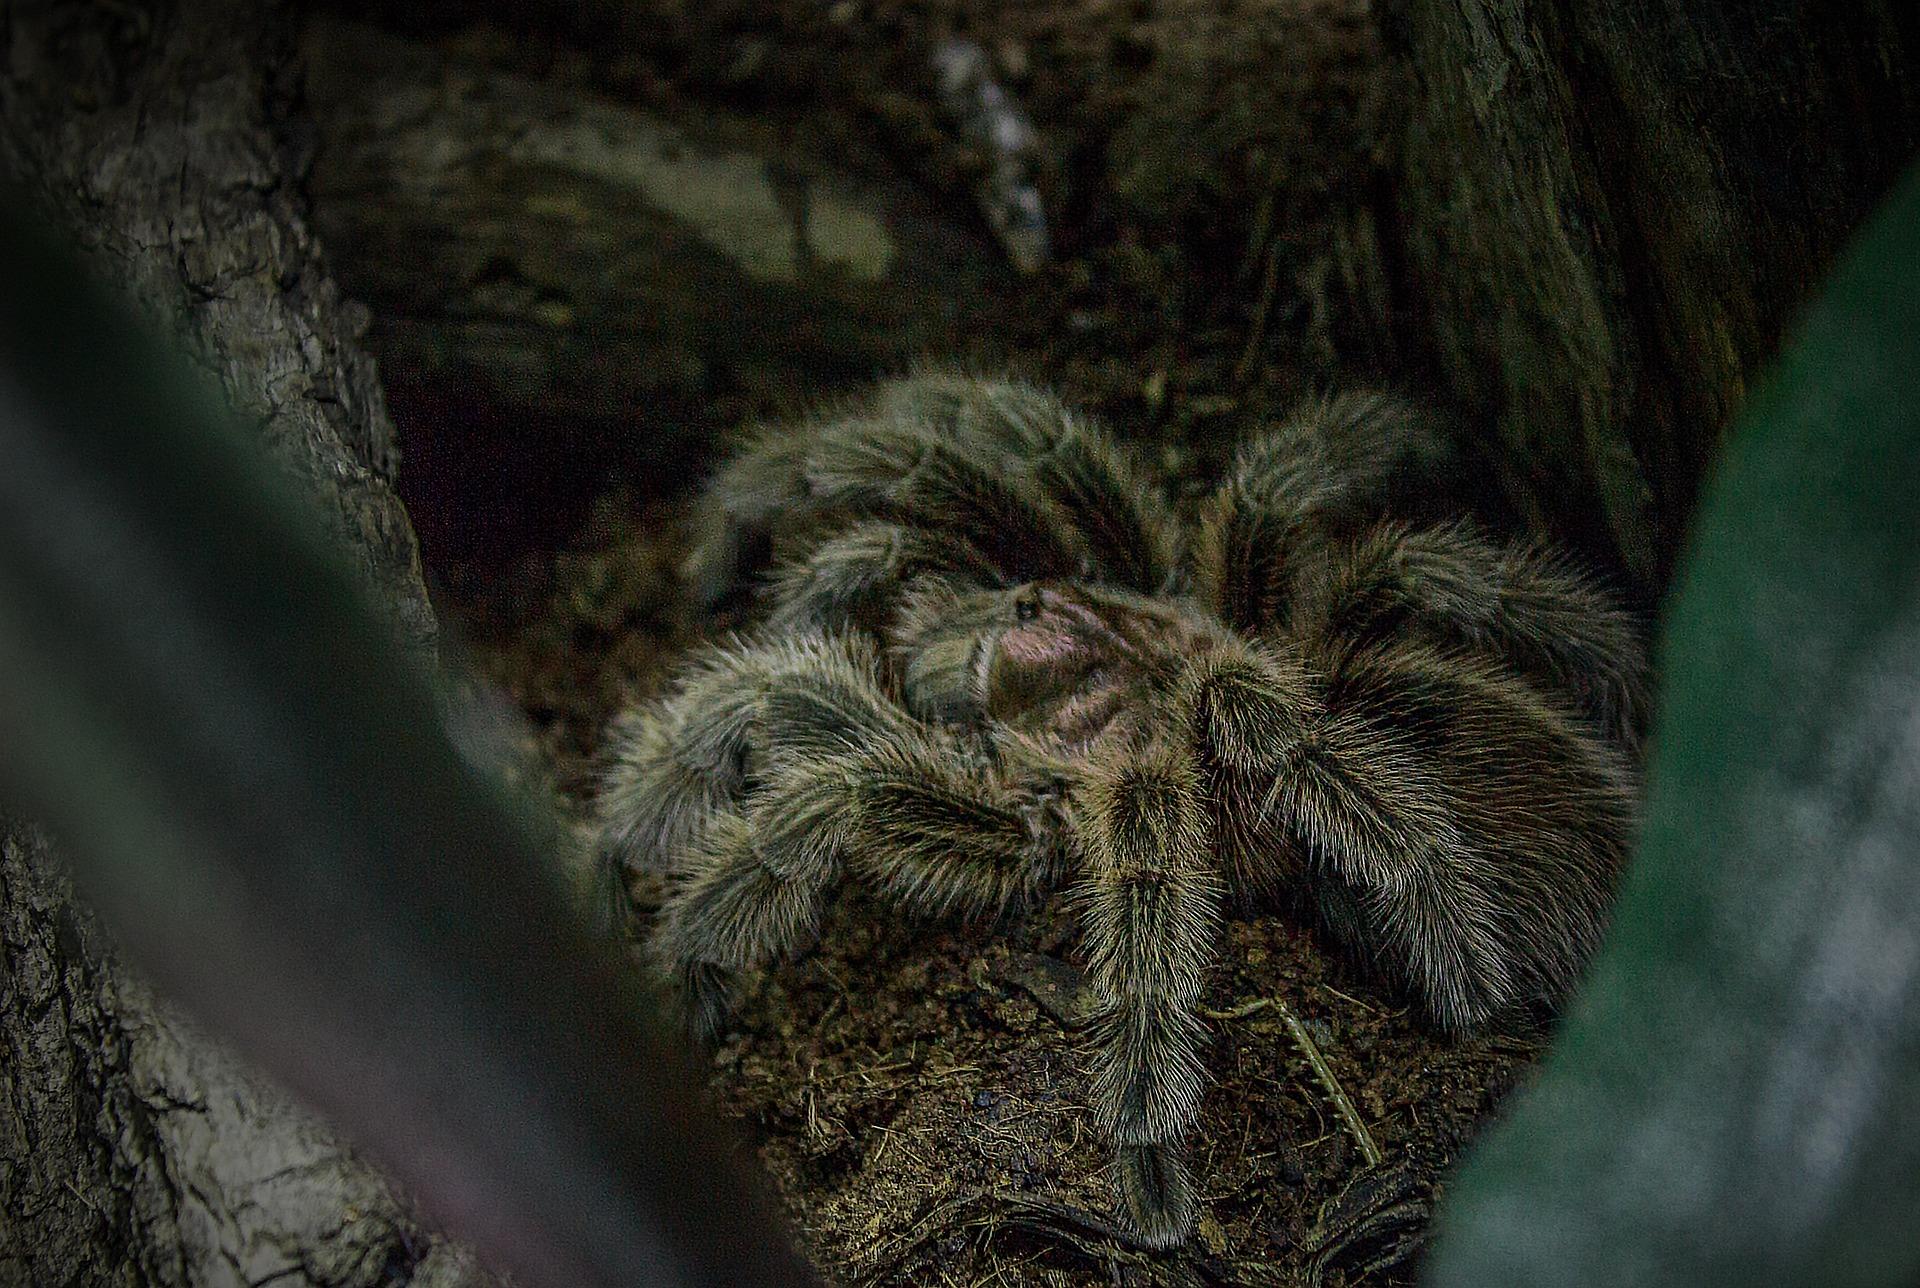 spider-854065_1920